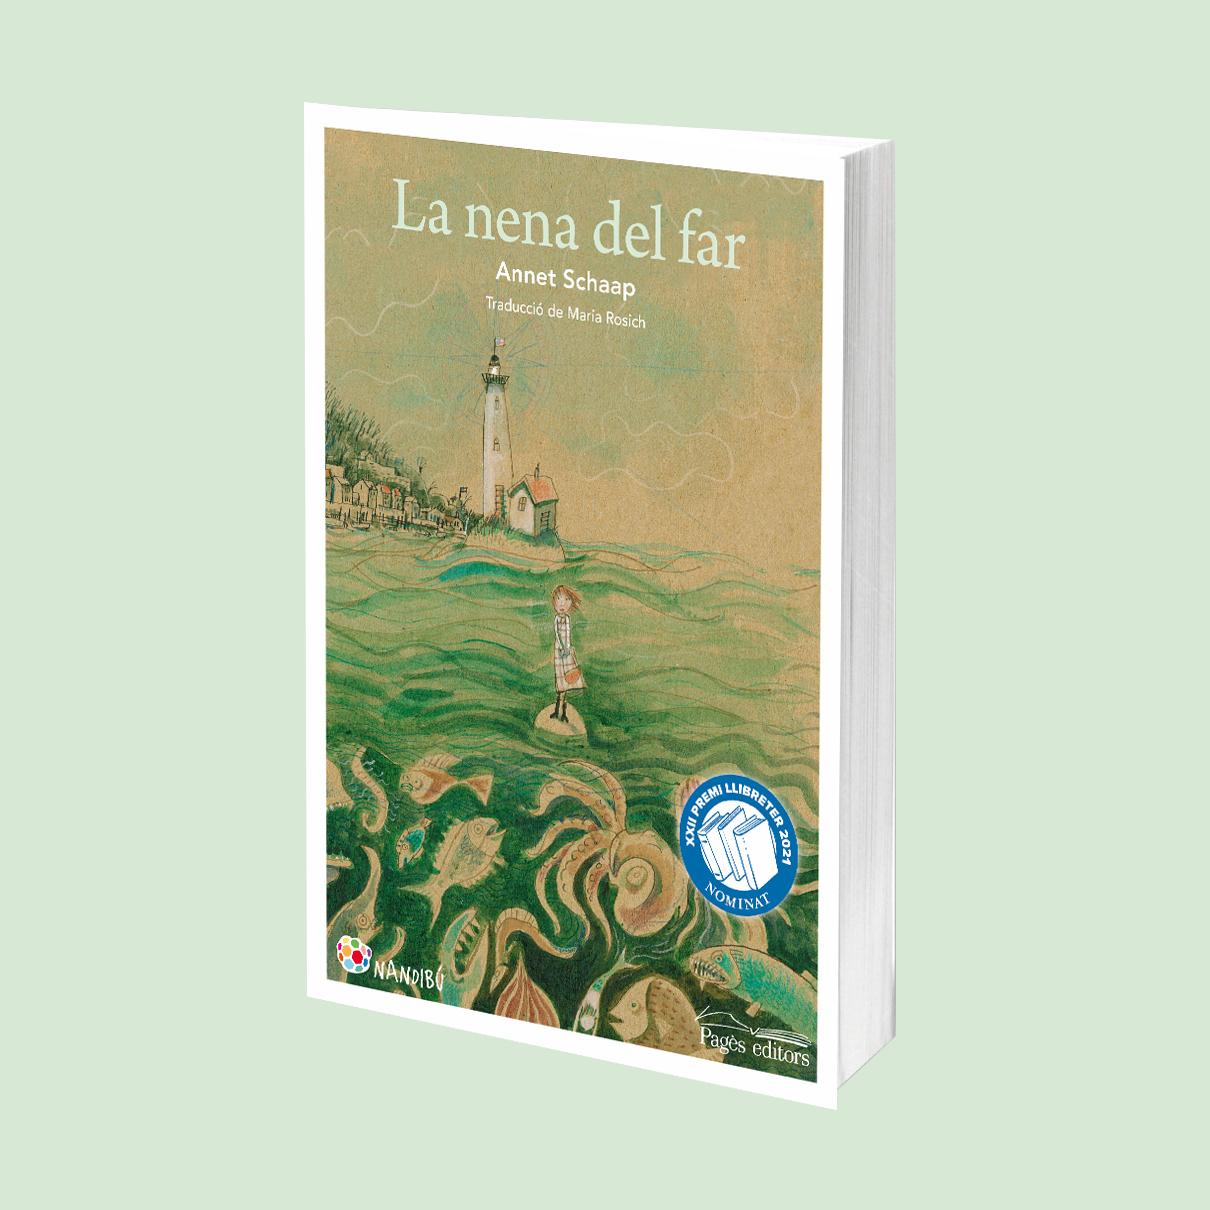 El llibre 'La nena del far', candidat al Premi Llibreter 2021!